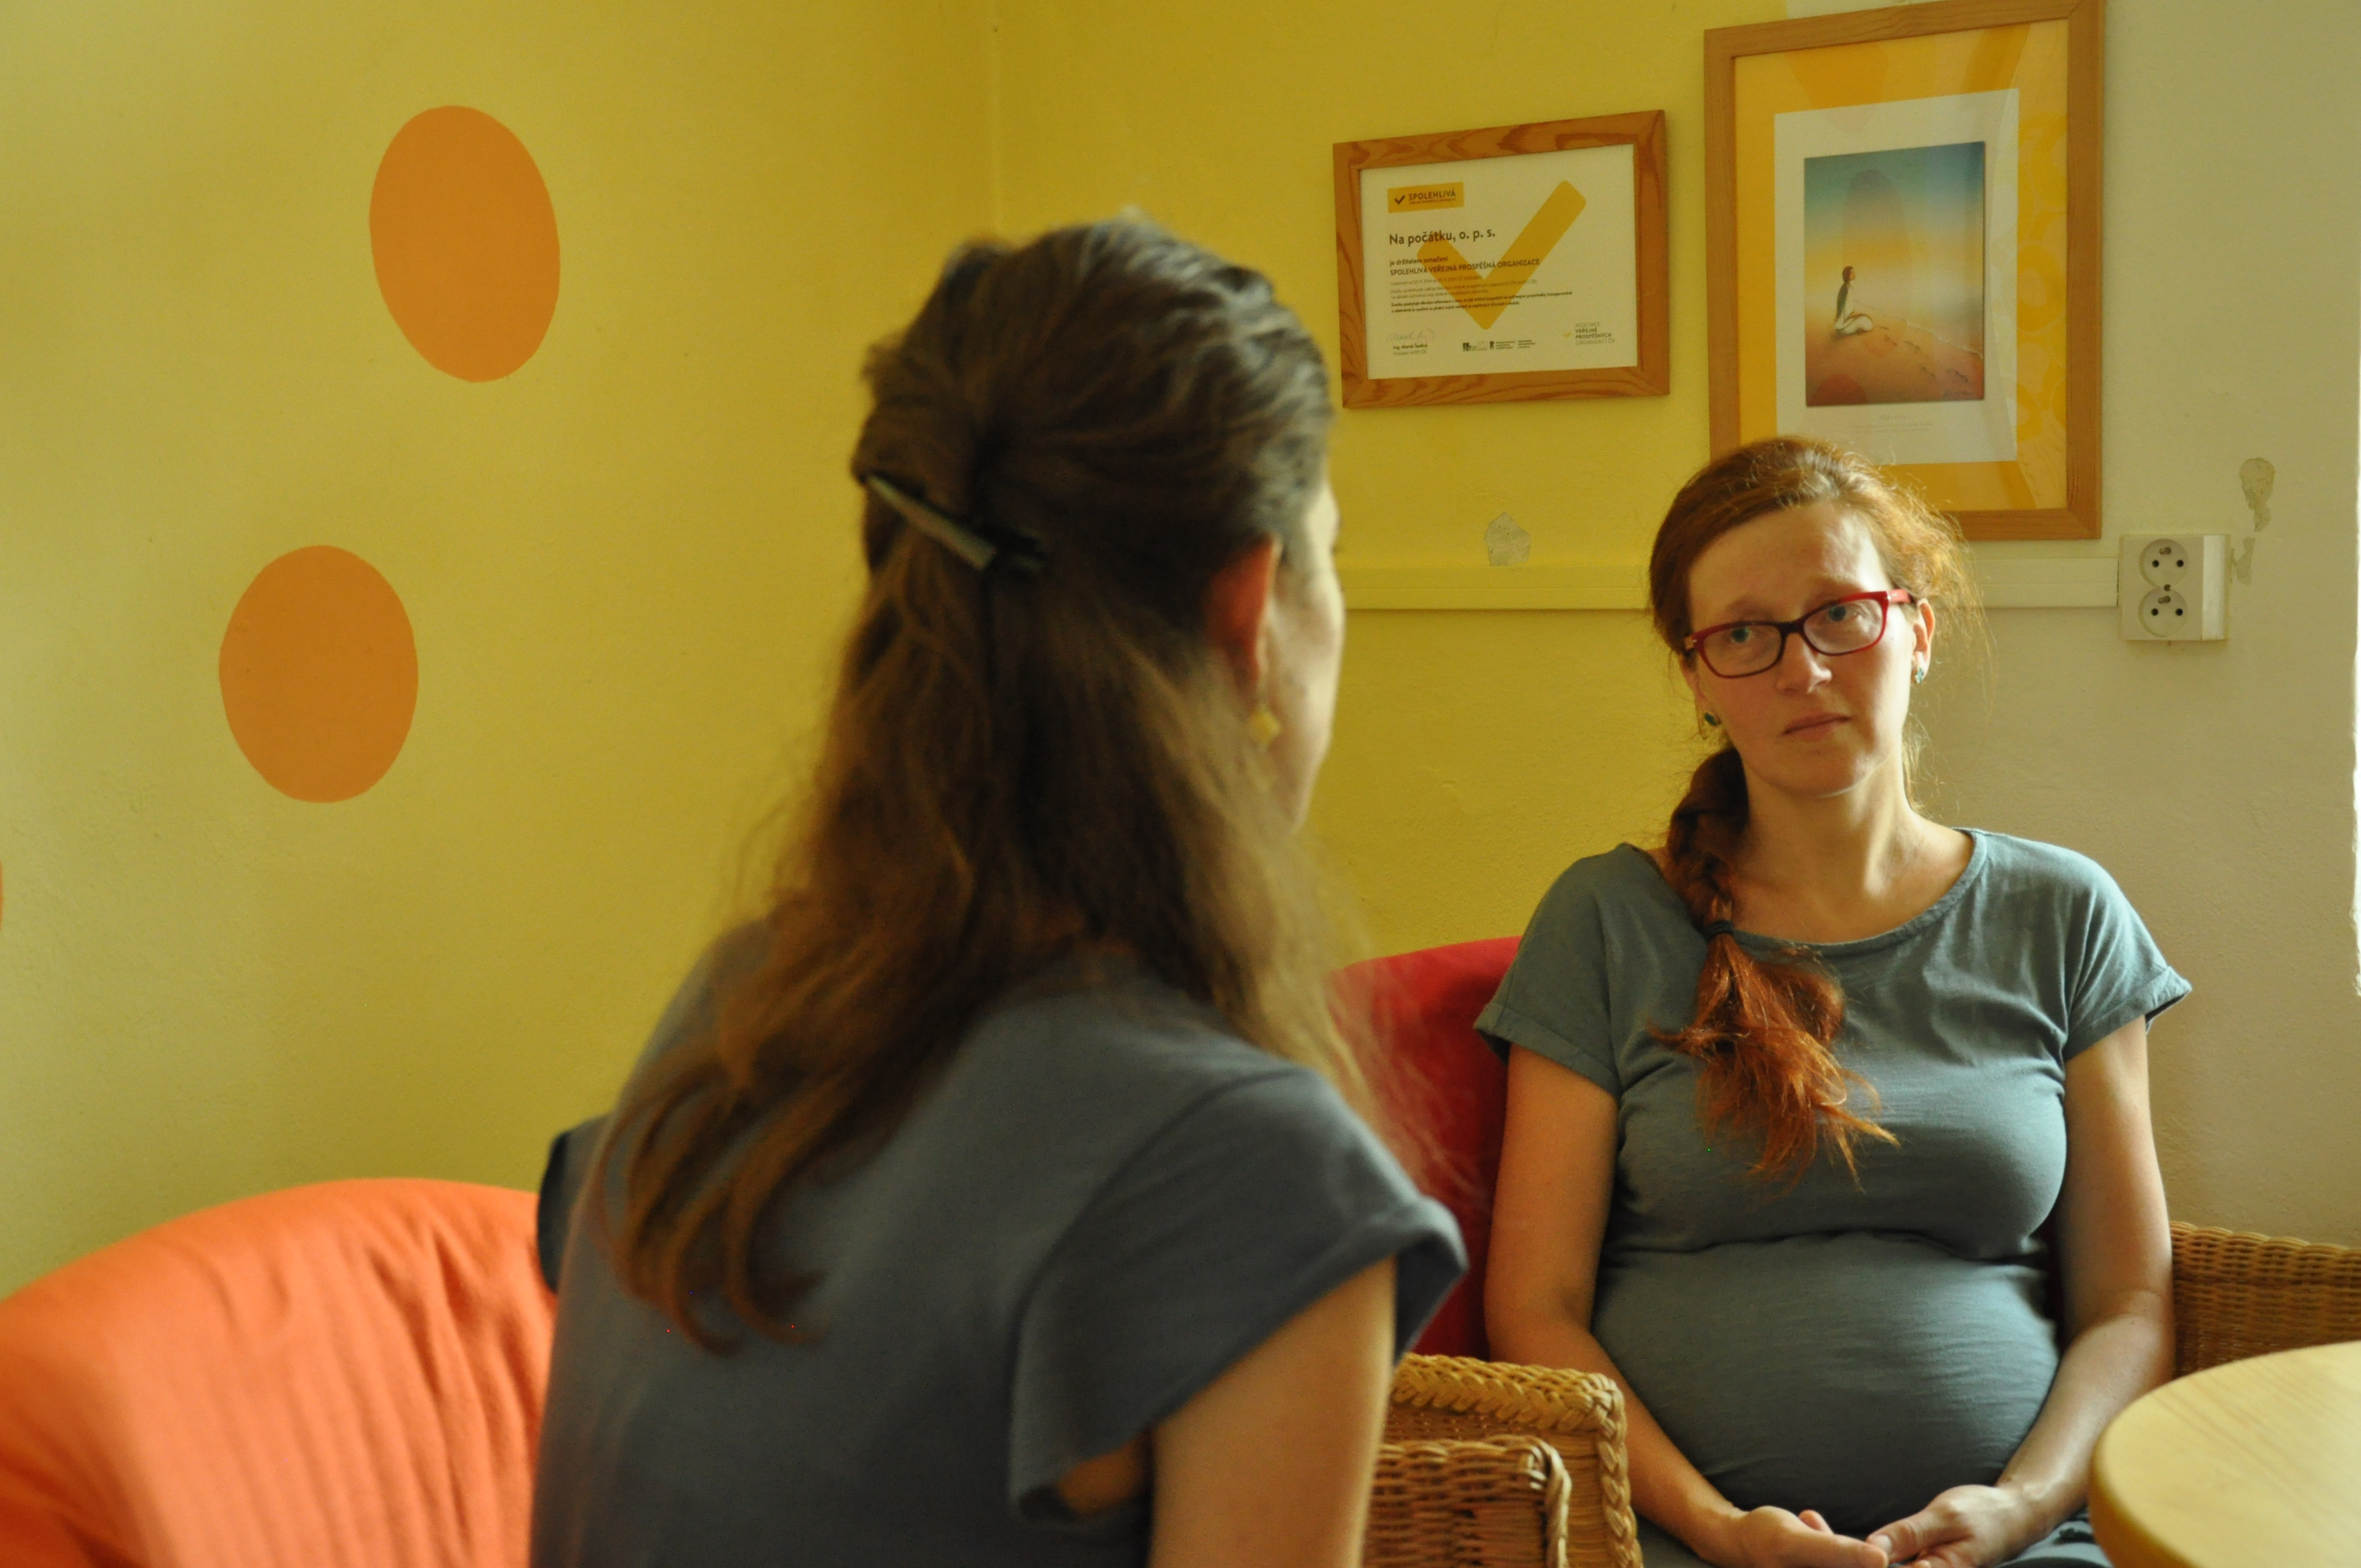 Rozhovor dvou žen v Poradně Na počátku